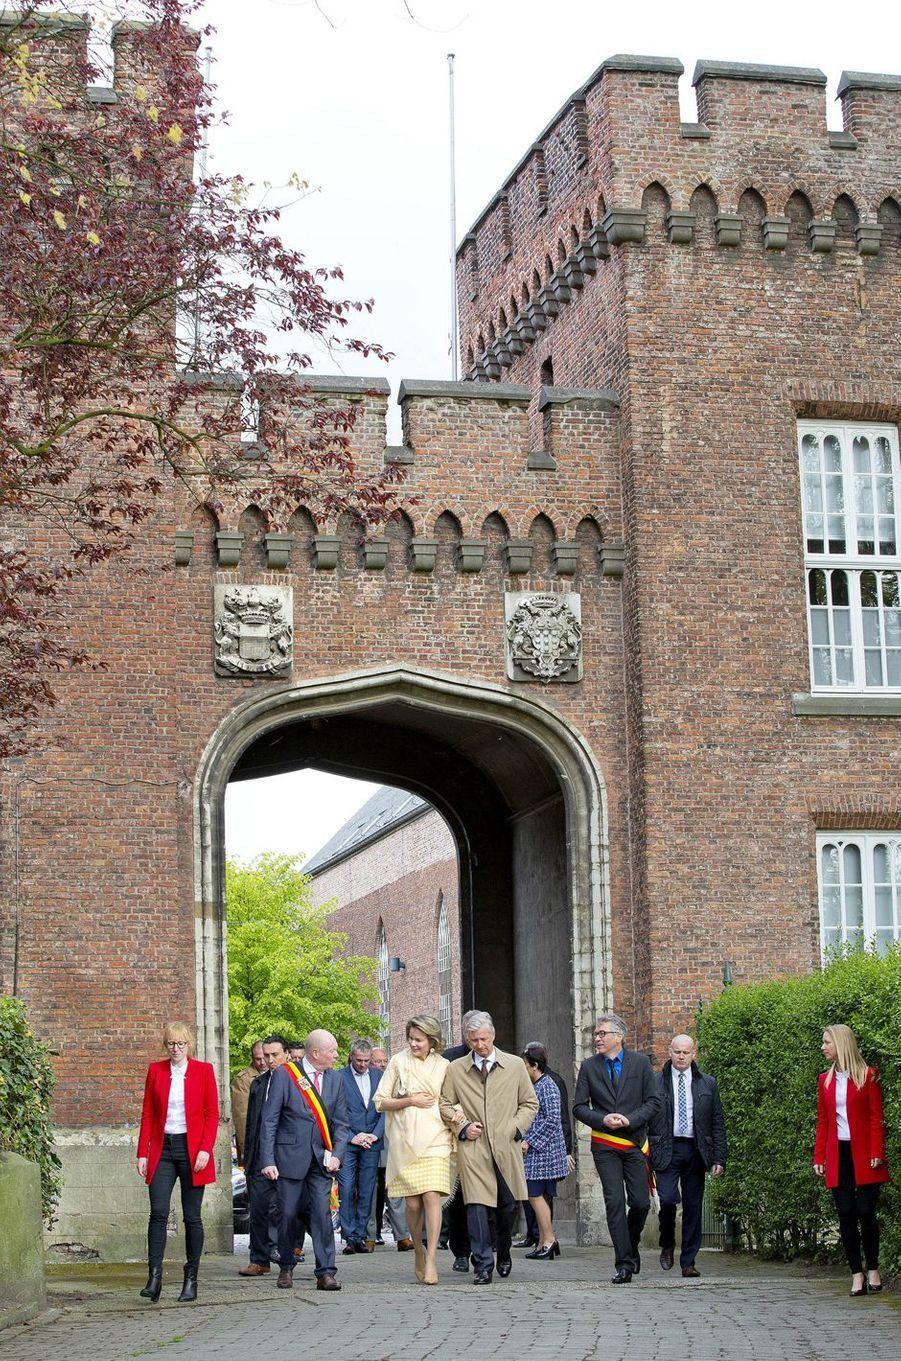 La reine Mathilde et le roi Philippe de Belgique à Bazel en Flandre Occidentale, le 25 avril 2017